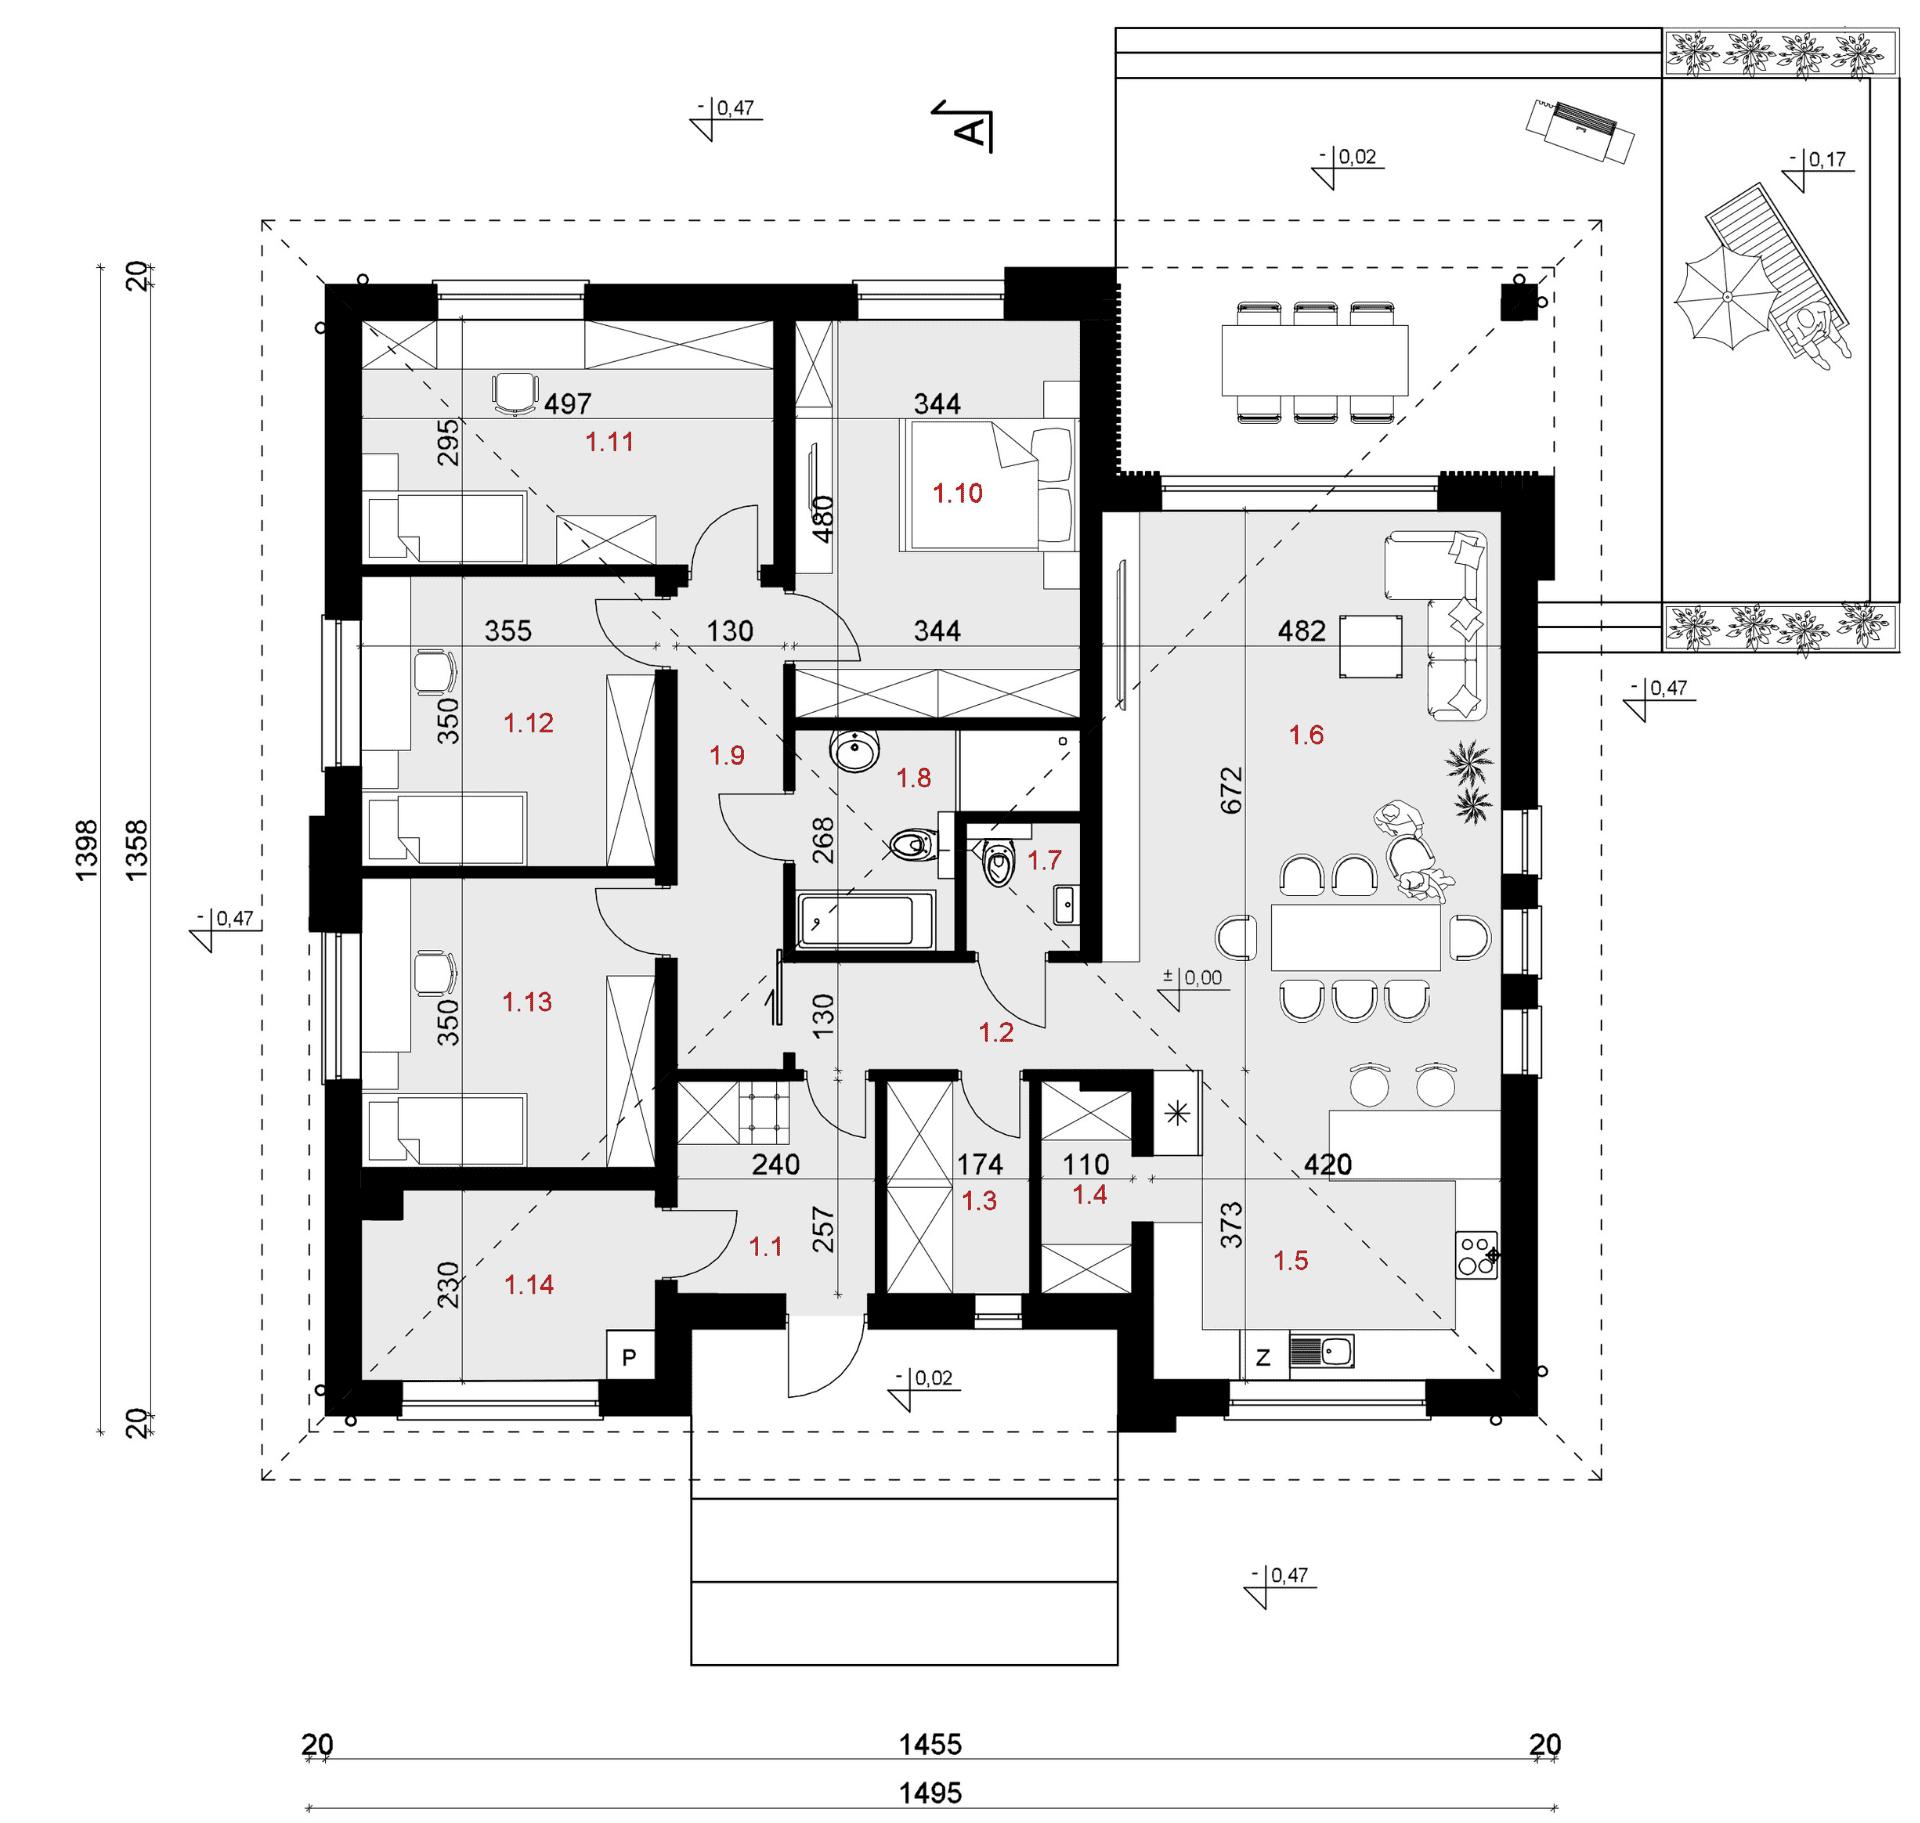 Rzut parteru - projekt domu SEJ-PRO 071/1 ENERGO